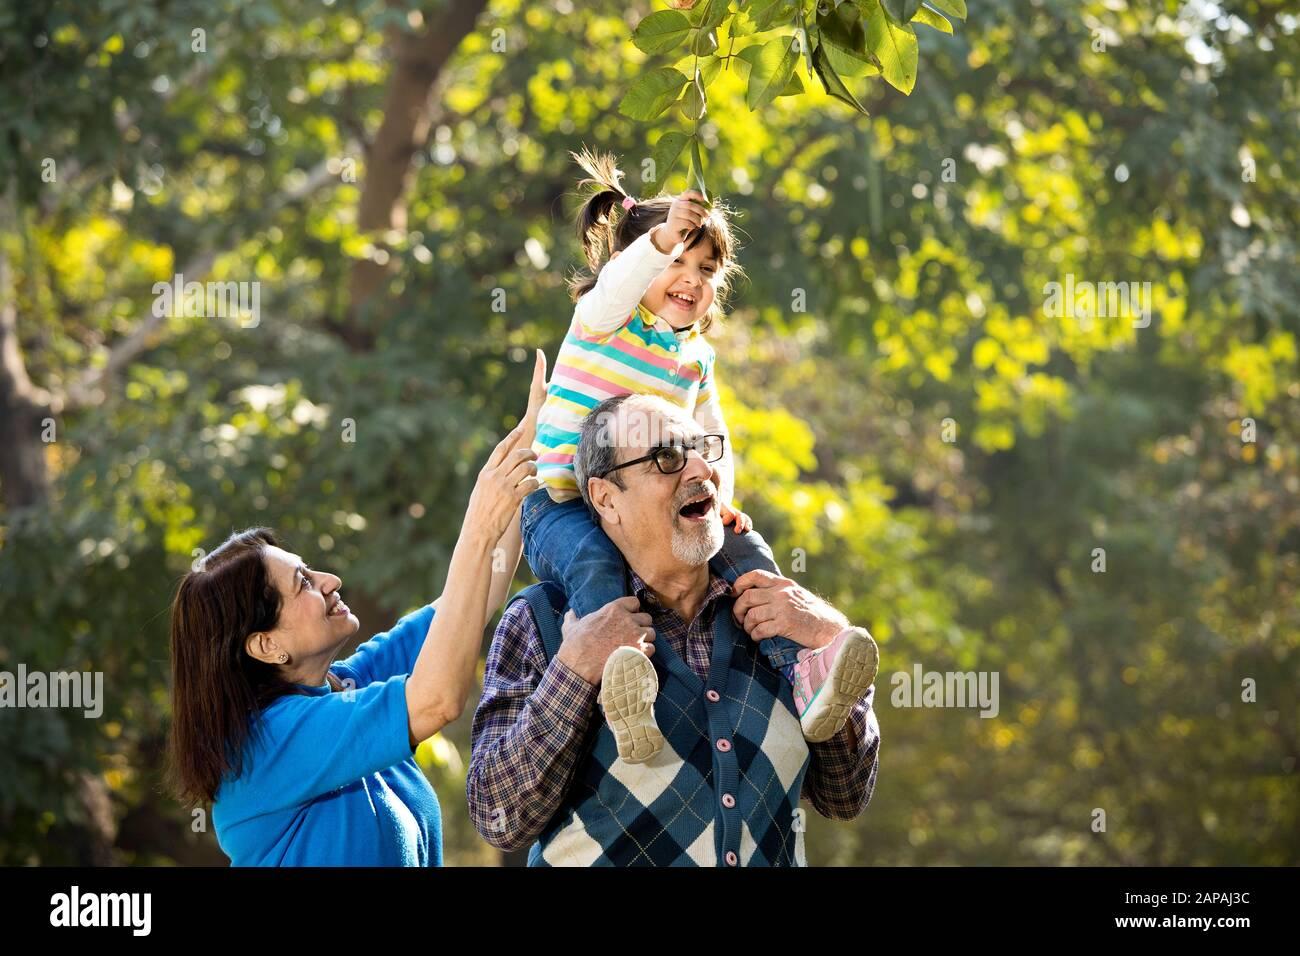 Grand-mère avec petite-fille assise sur l'épaule du grand-père au parc Banque D'Images